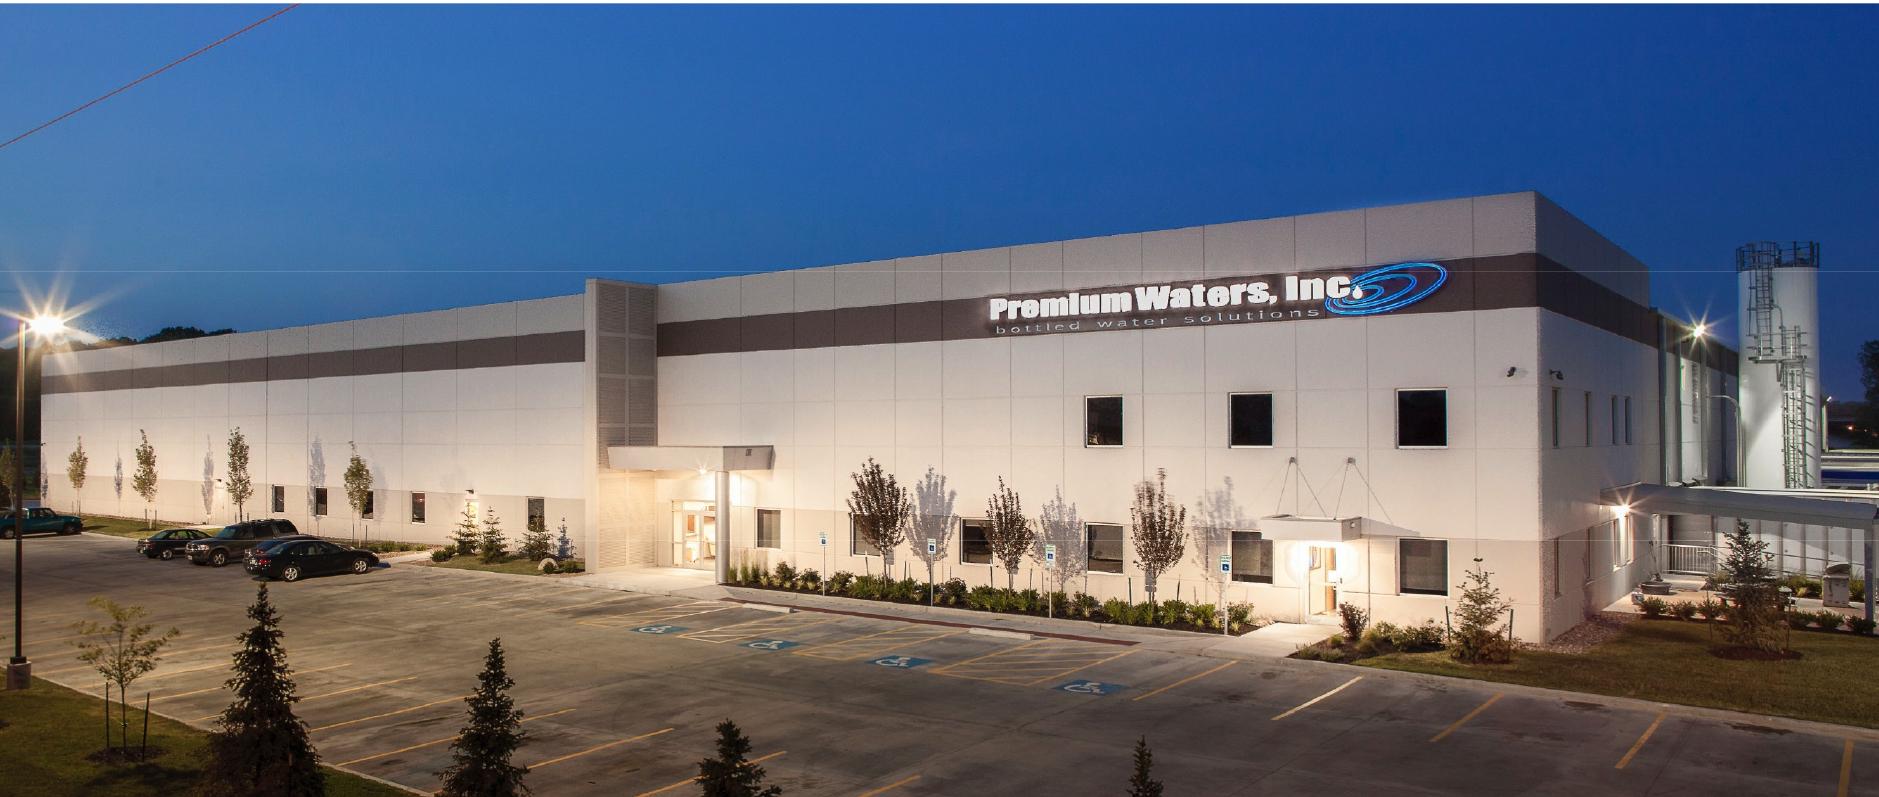 Premium Waters.jpg